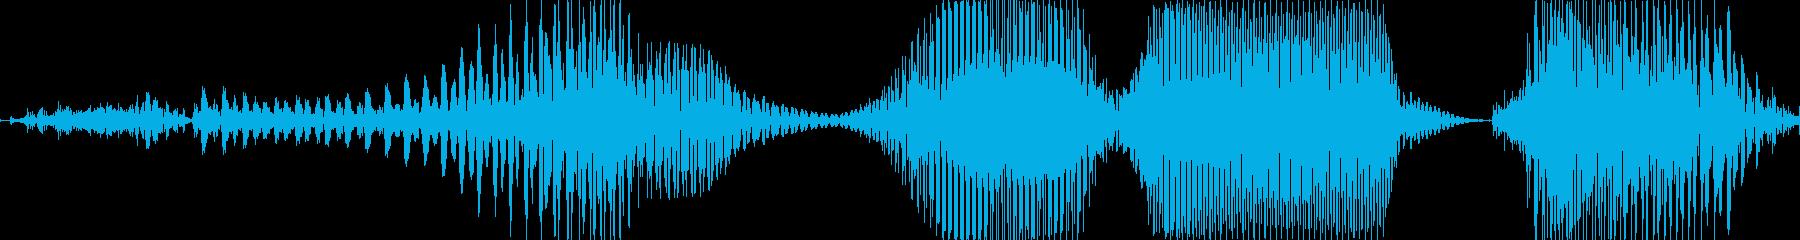 コンプリート!の再生済みの波形